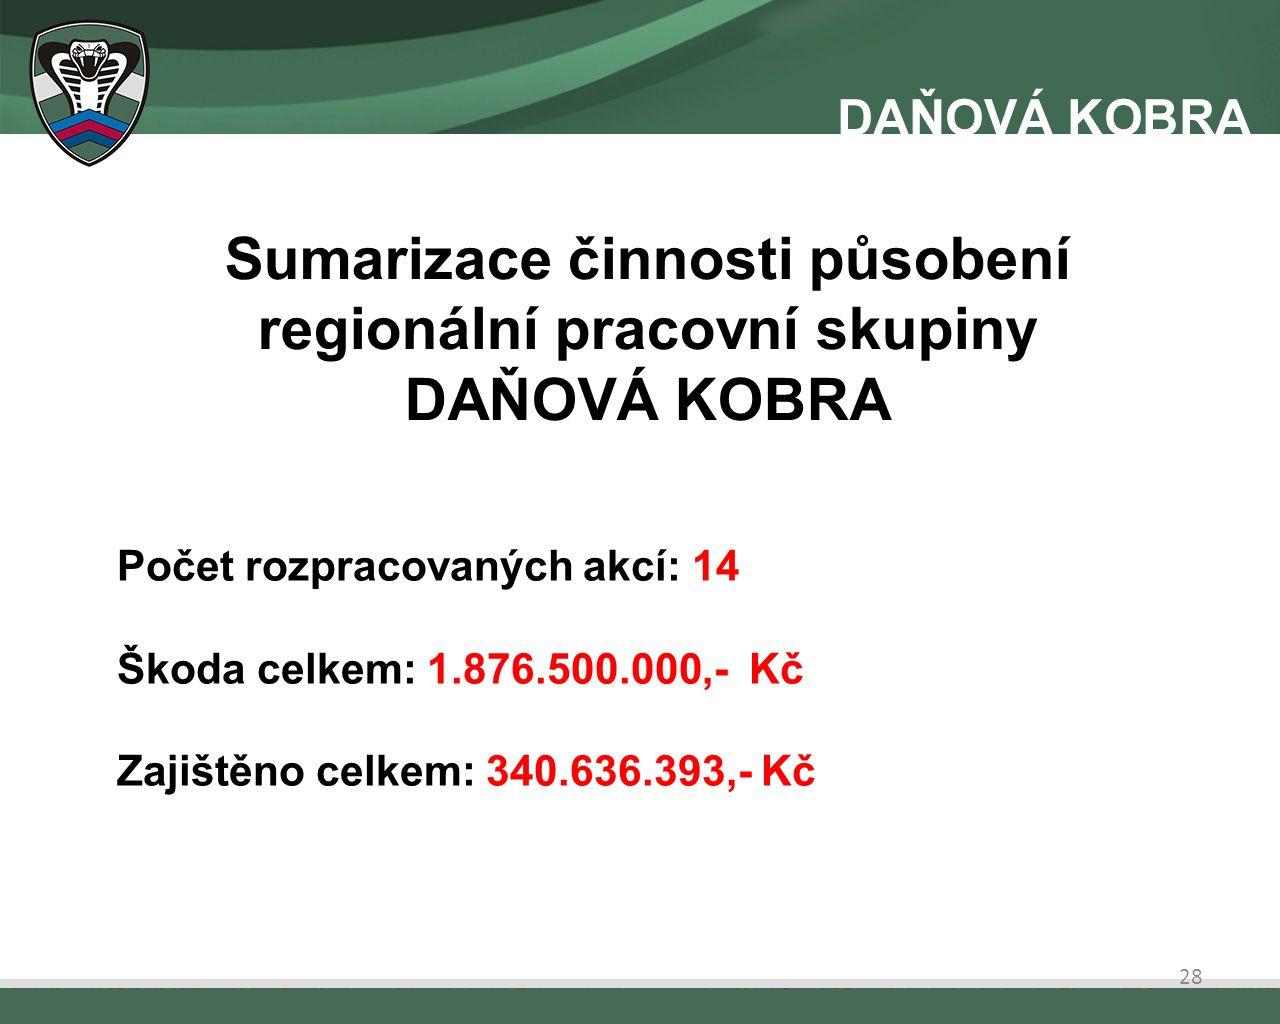 Sumarizace činnosti působení regionální pracovní skupiny DAŇOVÁ KOBRA Počet rozpracovaných akcí: 14 Škoda celkem: 1.876.500.000,- Kč Zajištěno celkem: 340.636.393,- Kč 28